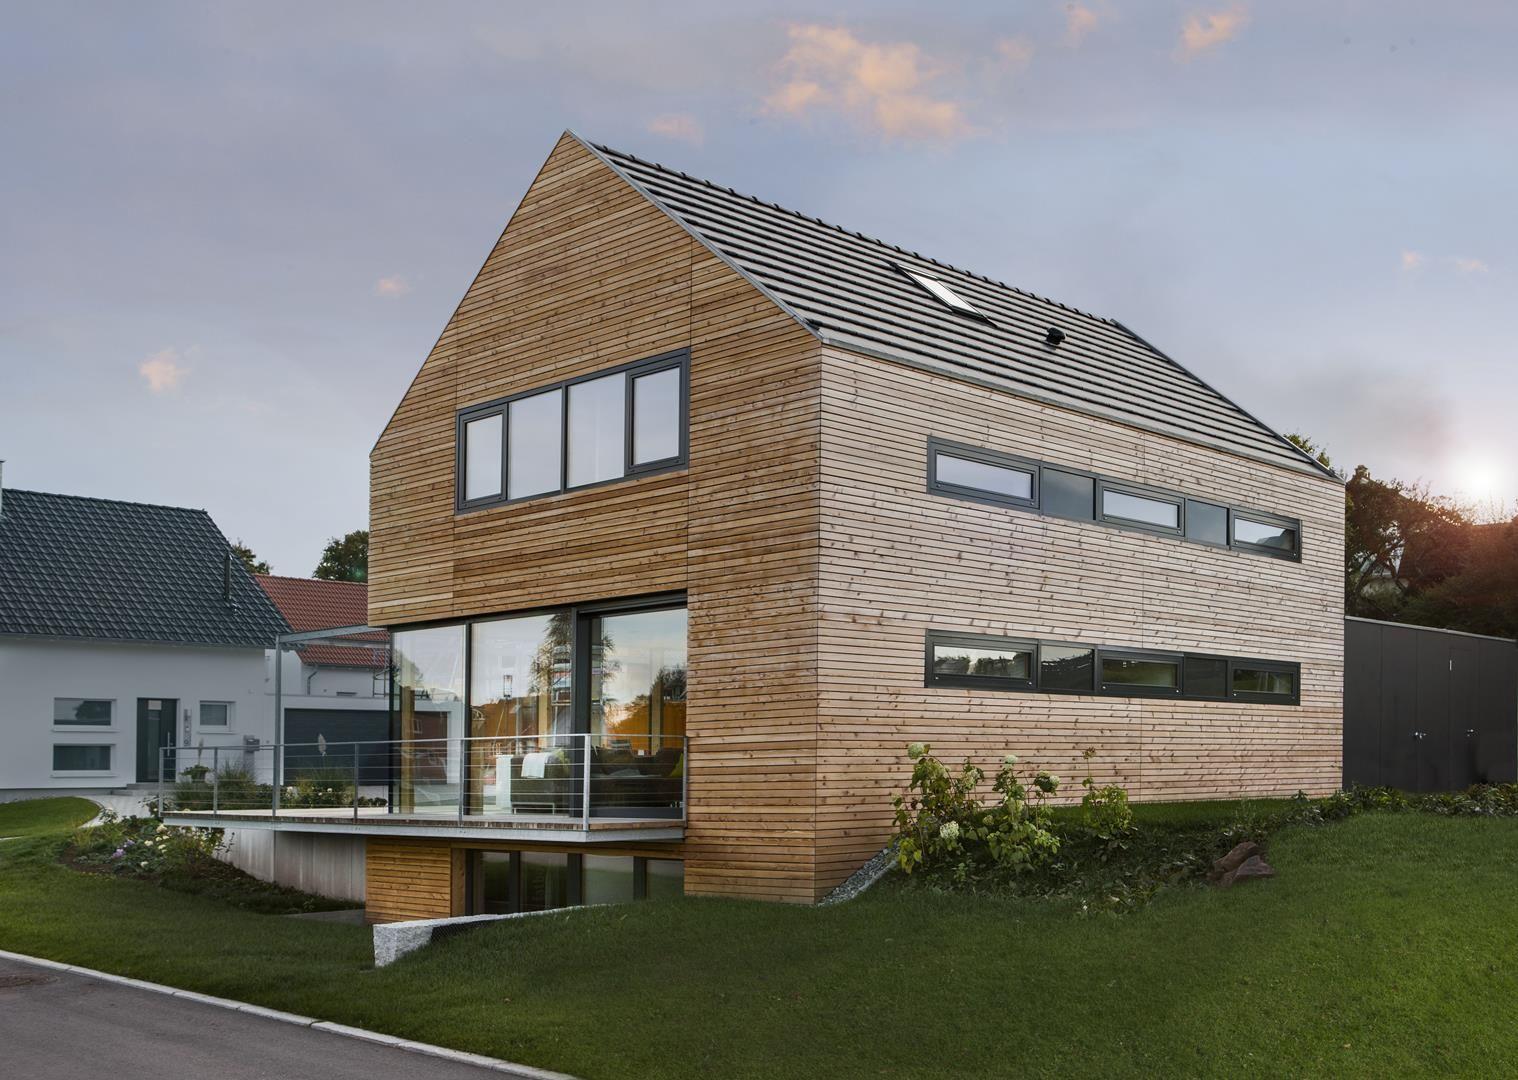 Modernes holzhaus satteldach  Holzhäuser - Werner Ettwein GmbH | holzhaustraum | Pinterest ...